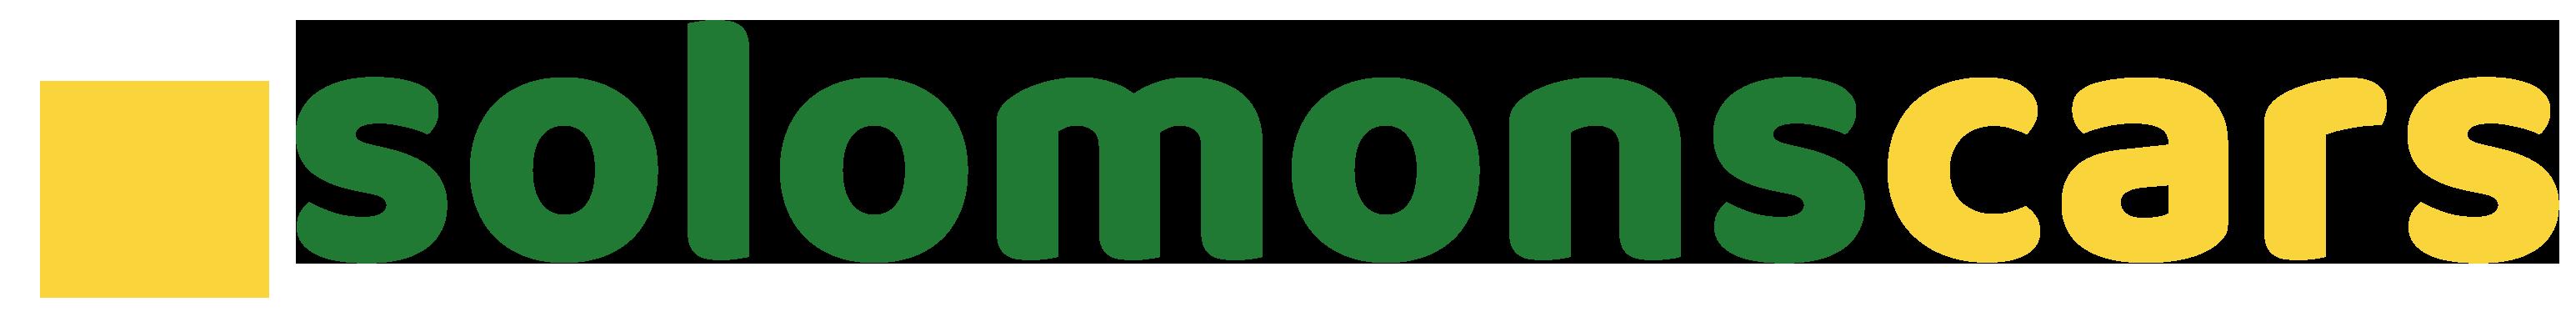 Solomonscars logo